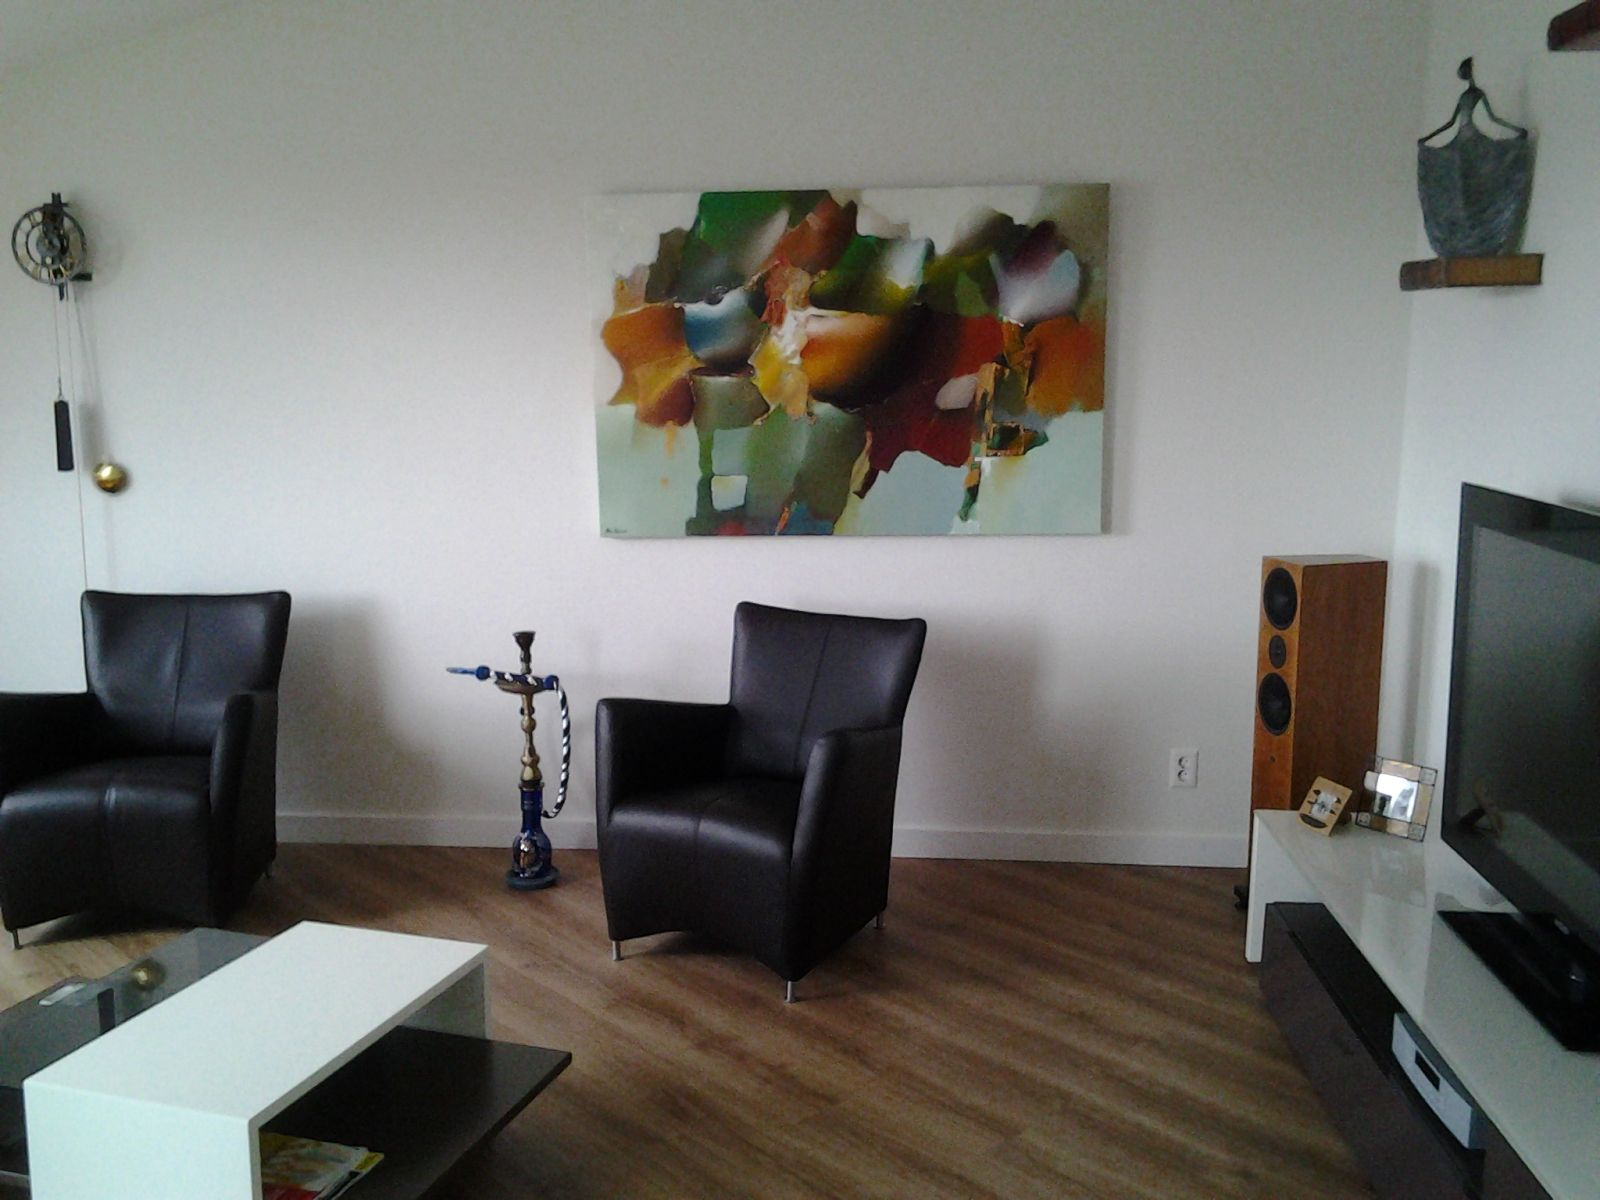 Groot Schilderij Woonkamer : Arie koning een schilderij met zachte kleuren op een lichte of